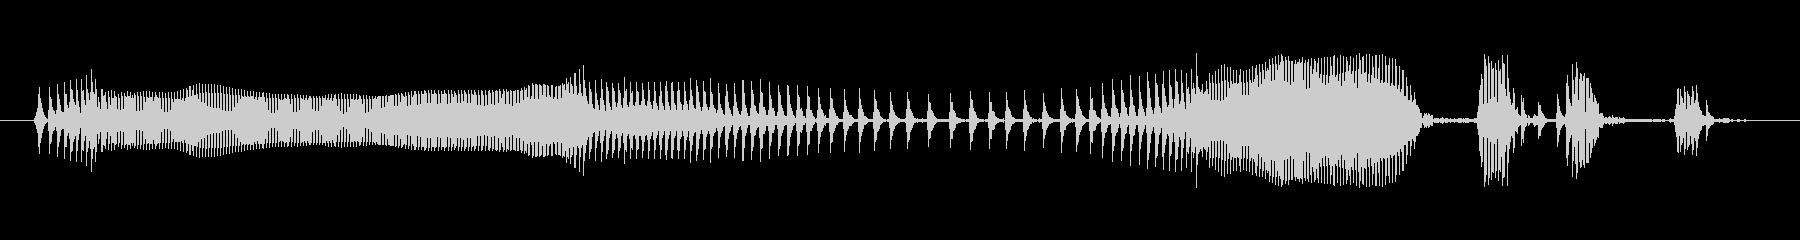 成人女性:うめき声の未再生の波形